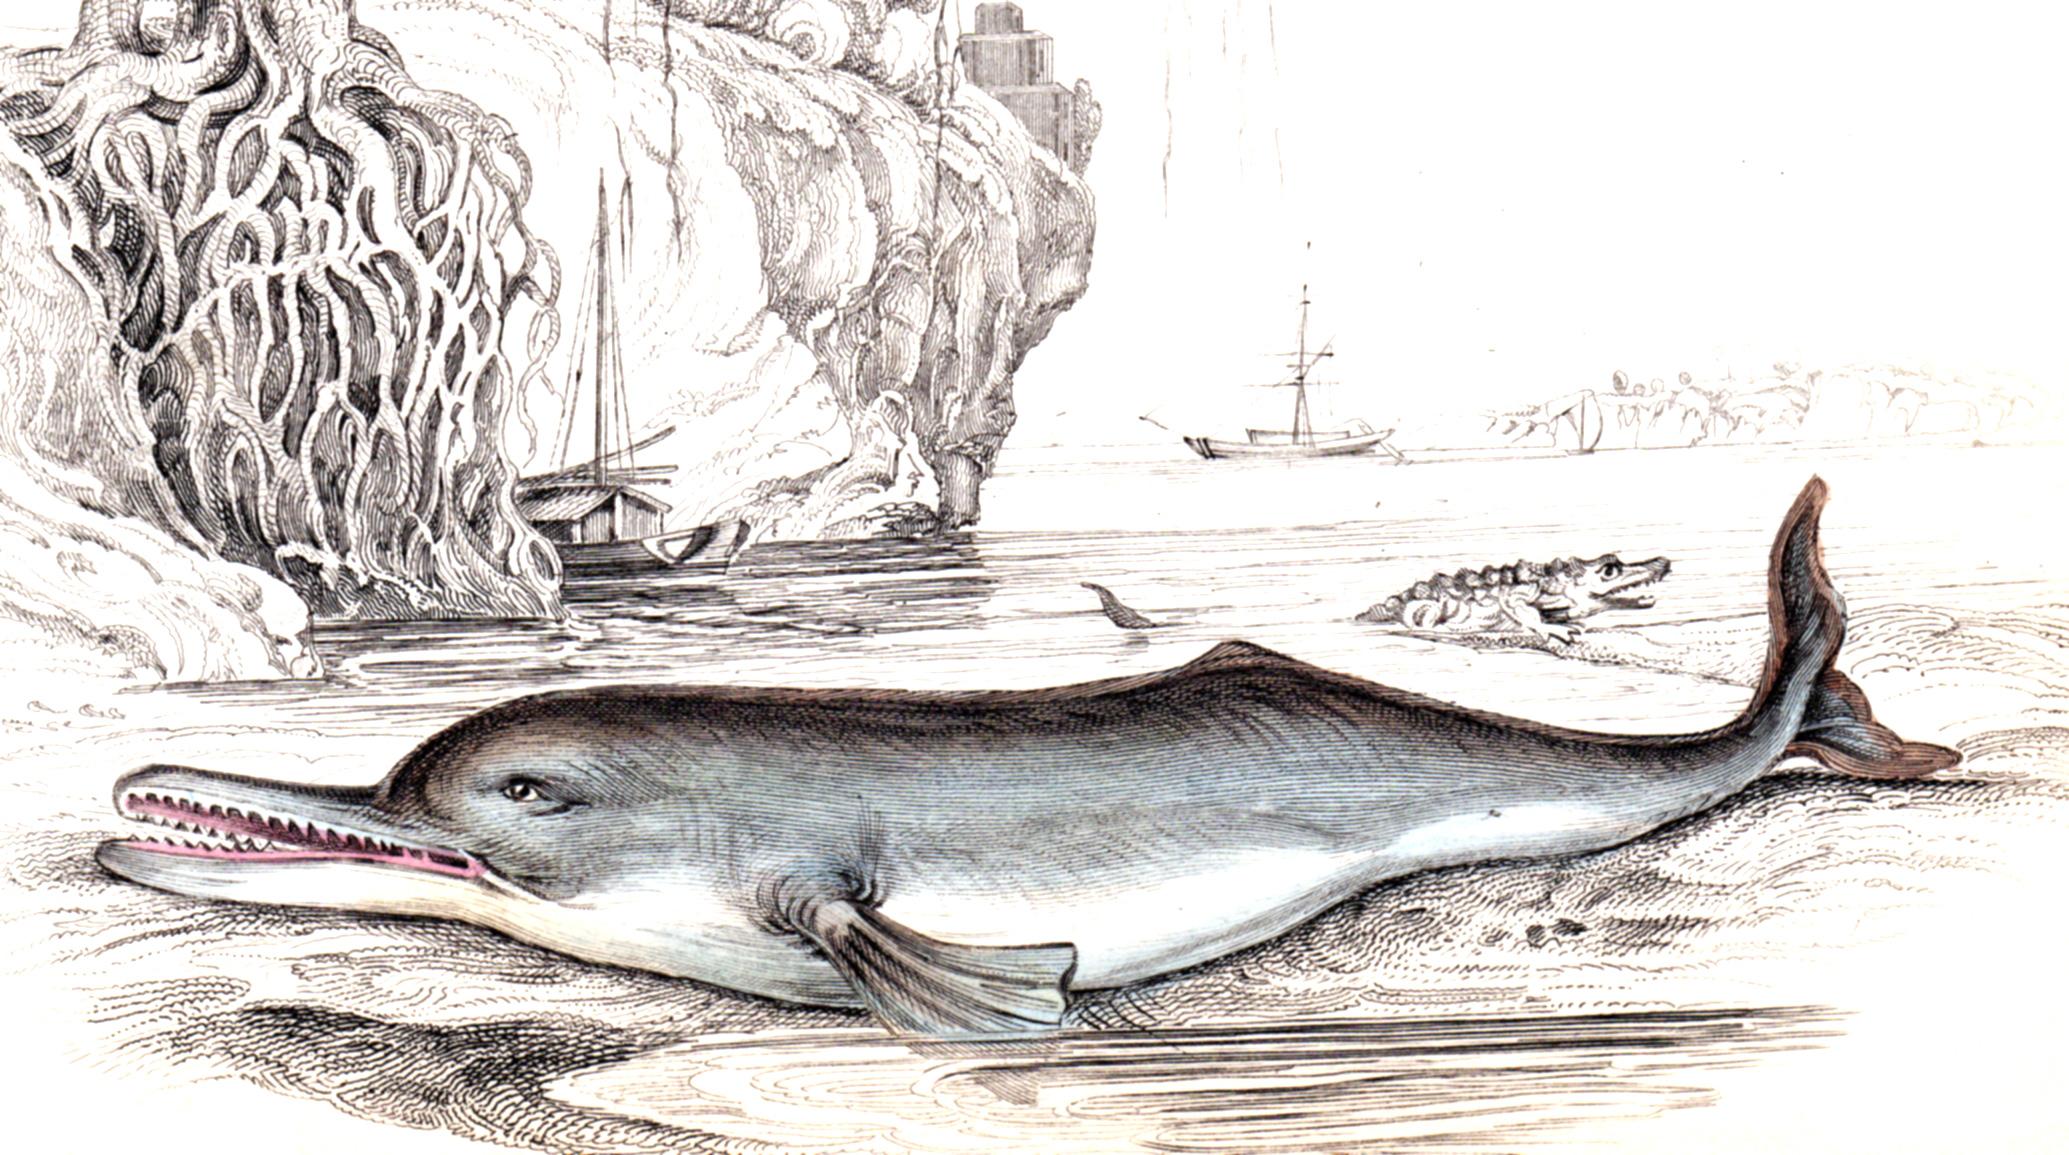 Jardine, Sir Wm / Lizars, Wm – Whales, Dolphins, Porpoises, etc.